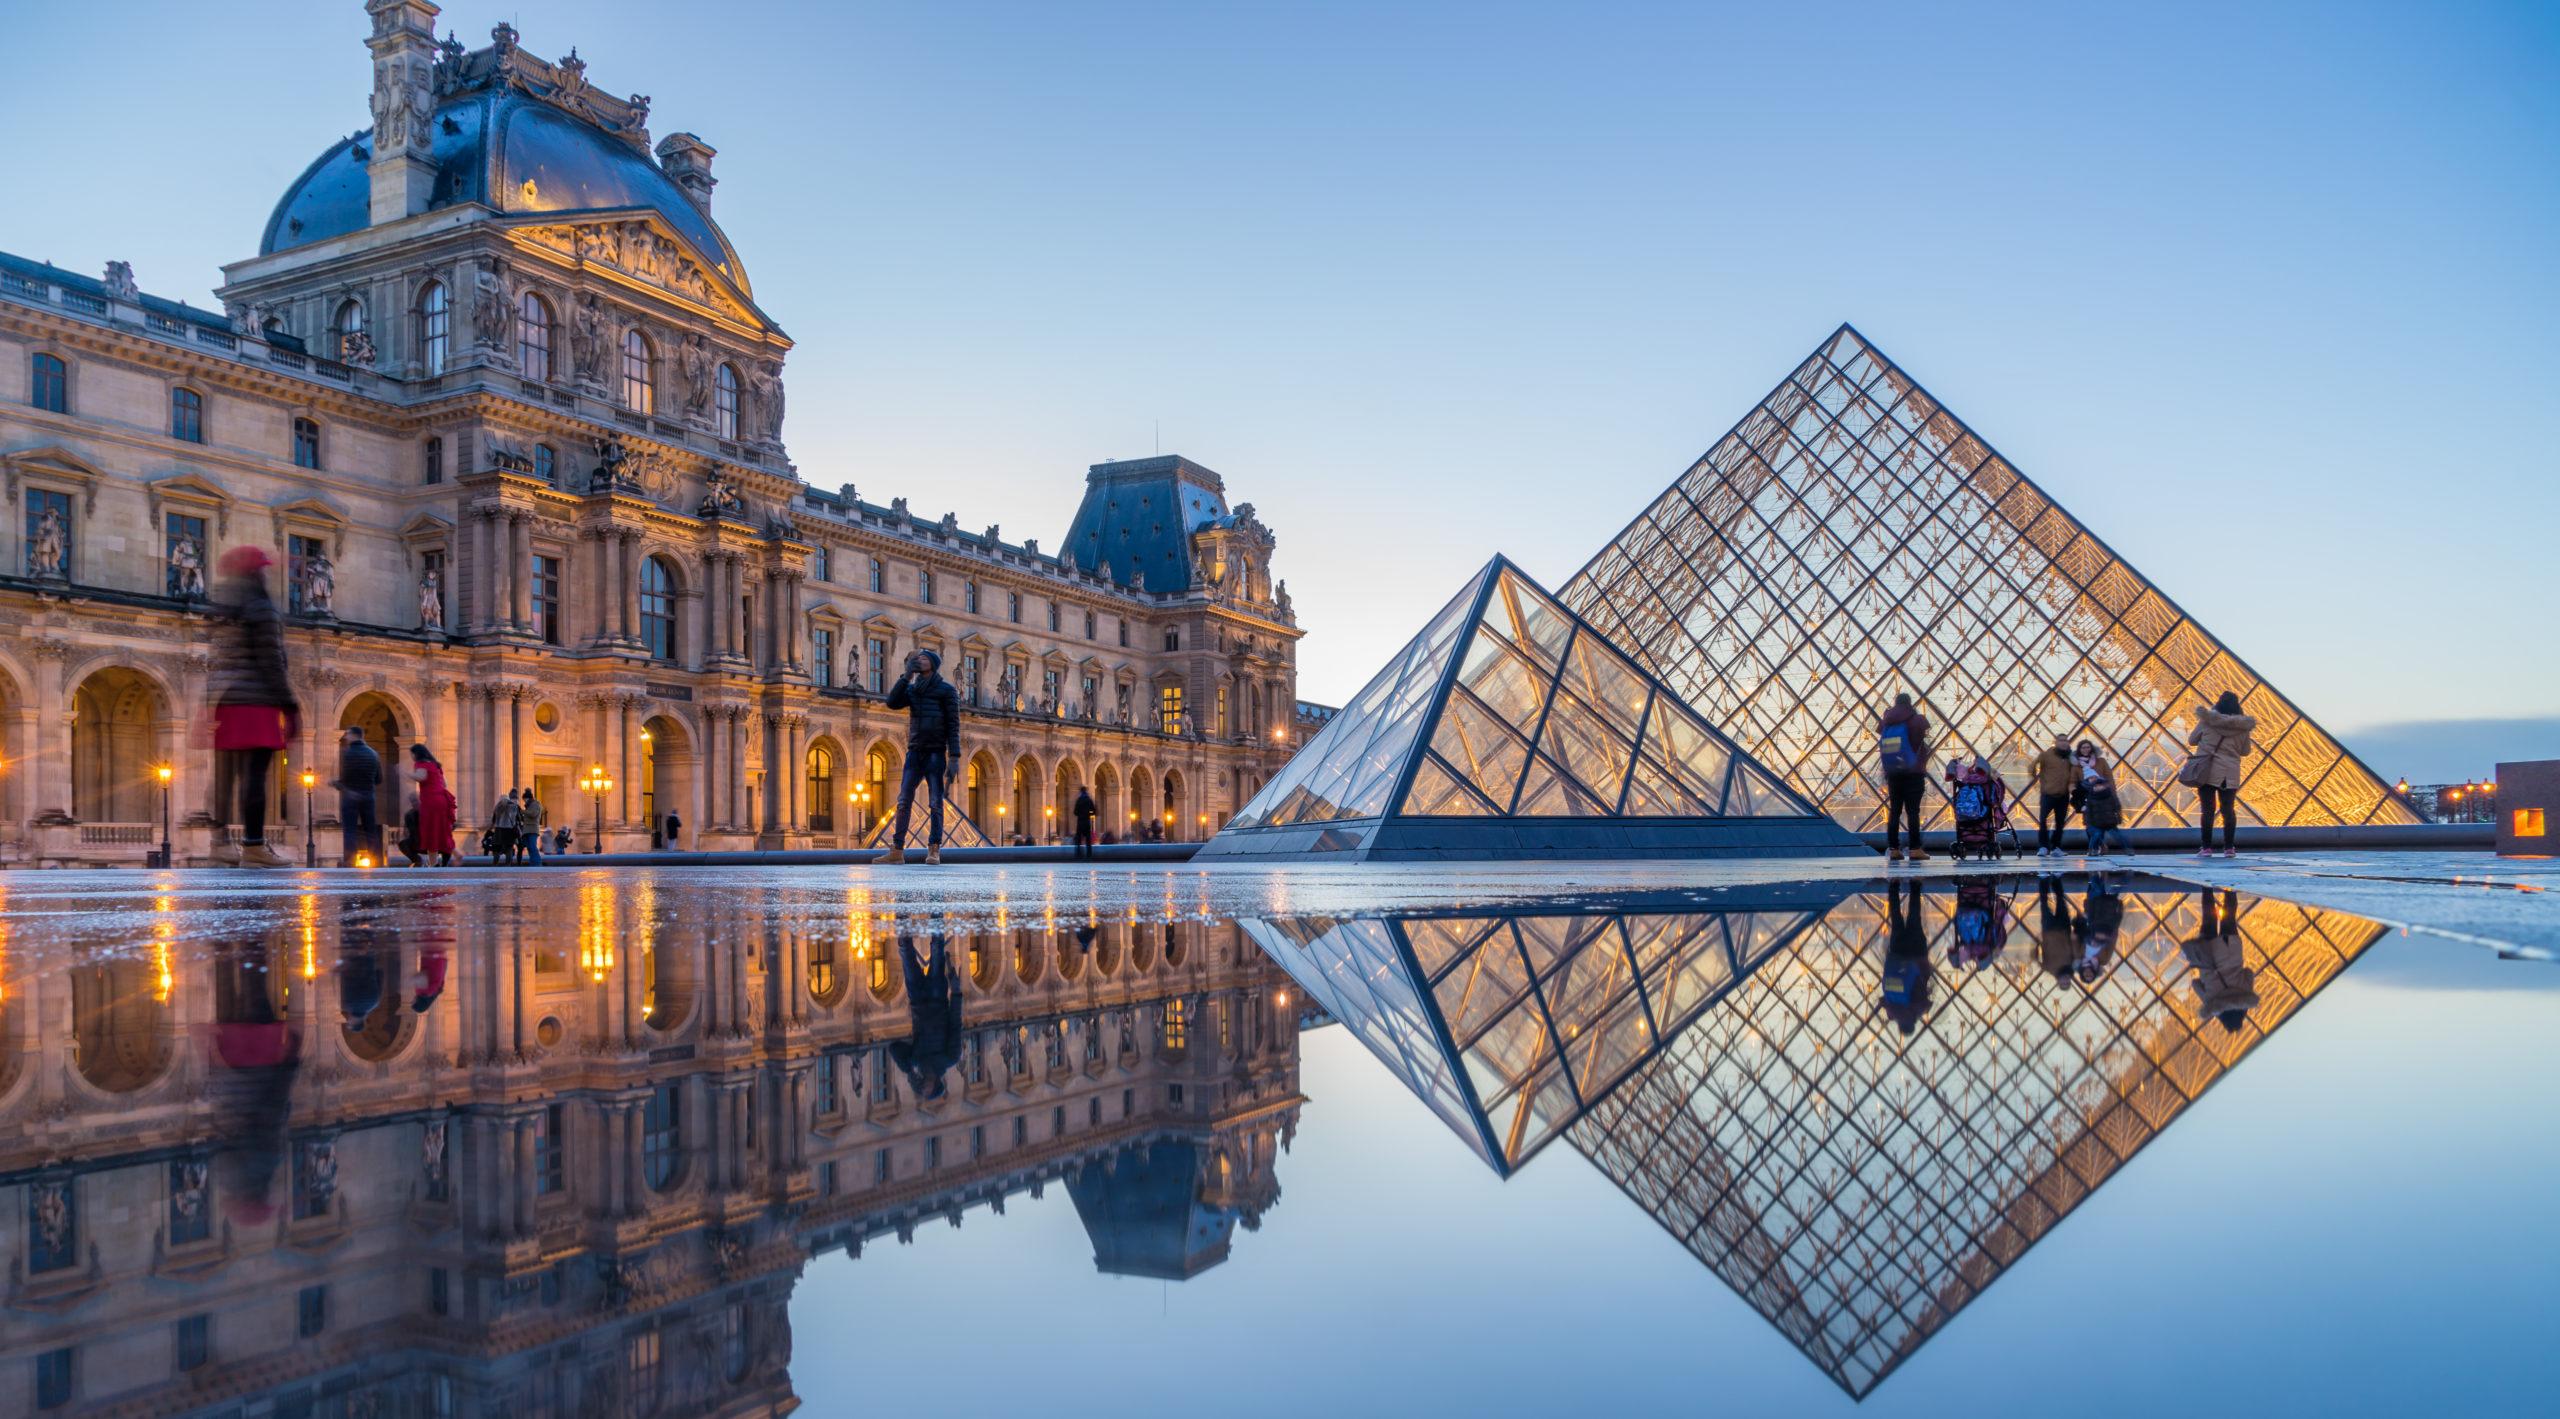 En attendant l'ouverture des musées, venez les visiter virtuellement !